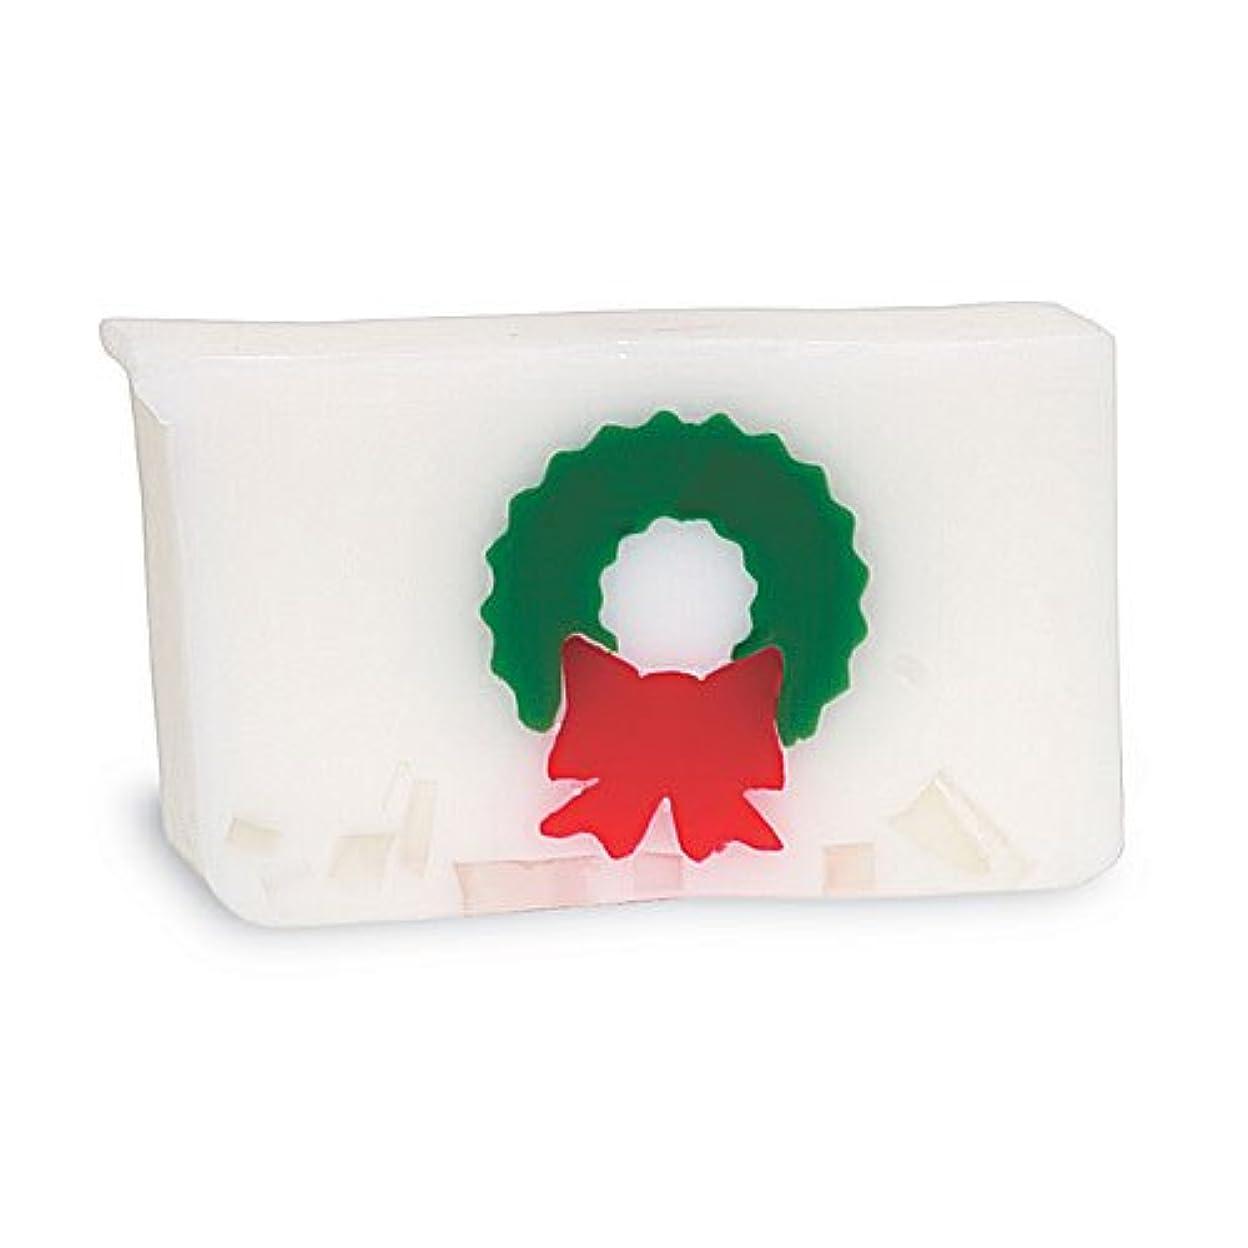 カジュアルアラートダイエットプライモールエレメンツ アロマティック ソープ クリスマスリース 180g 植物性 ナチュラル 石鹸 無添加